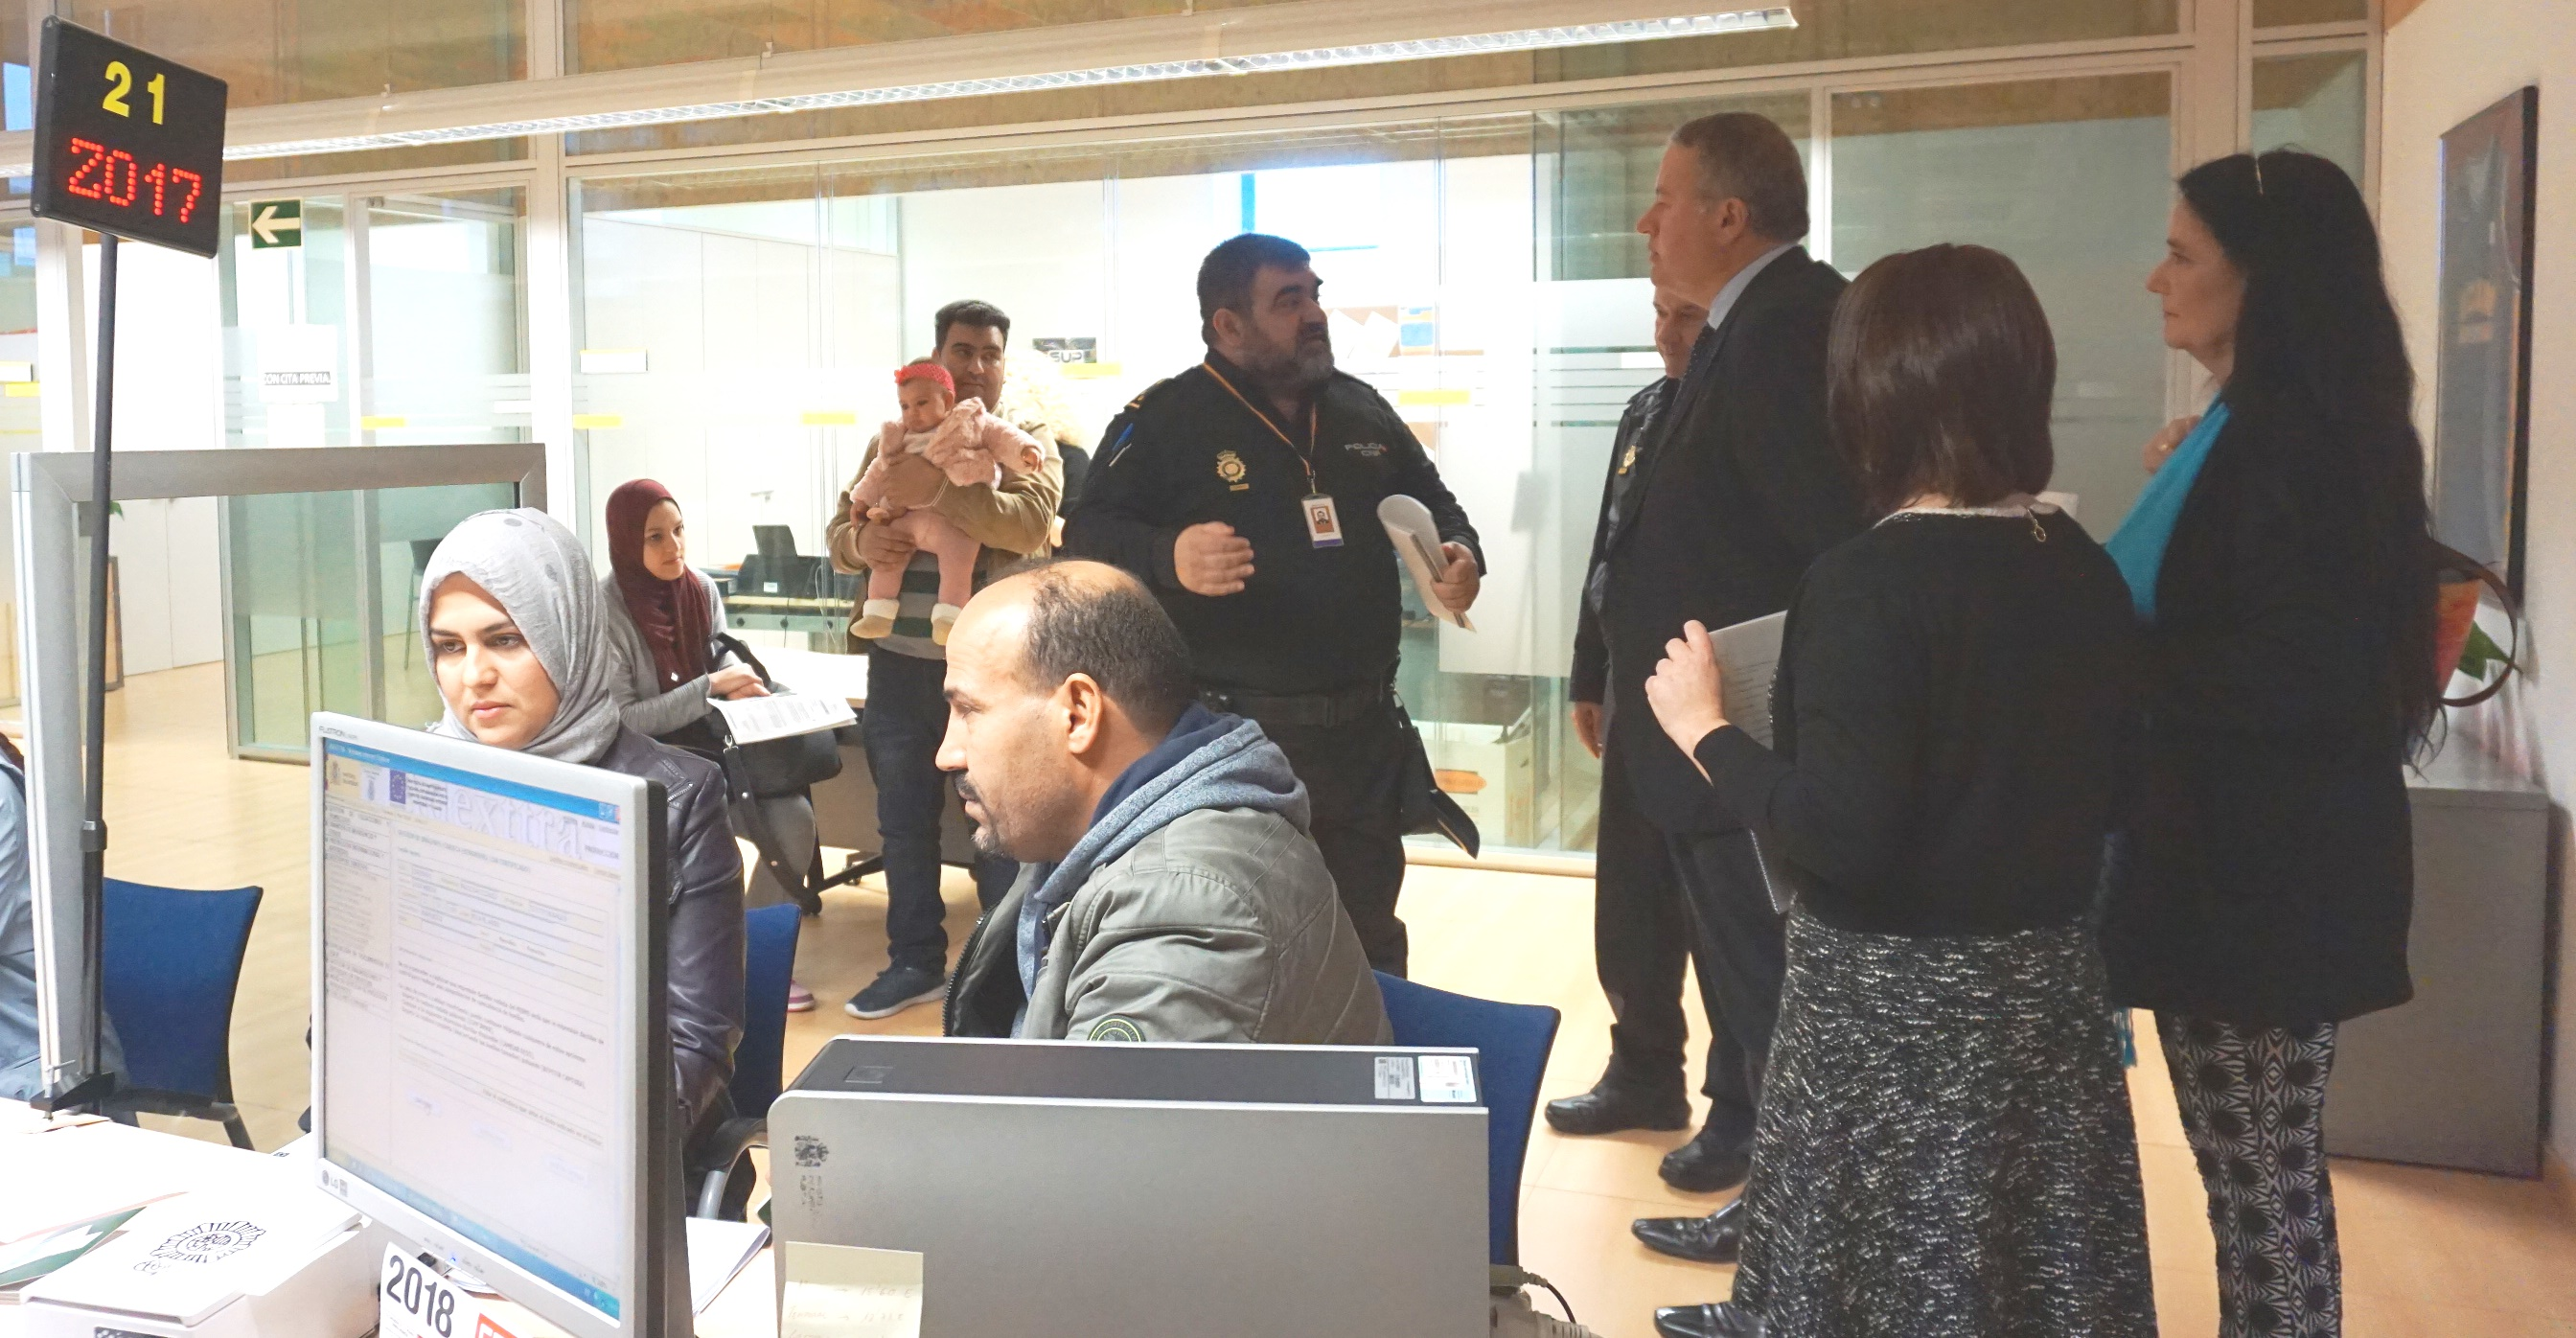 La oficina de extranjer a implantar la cita previa a for Oficina de treball cita previa